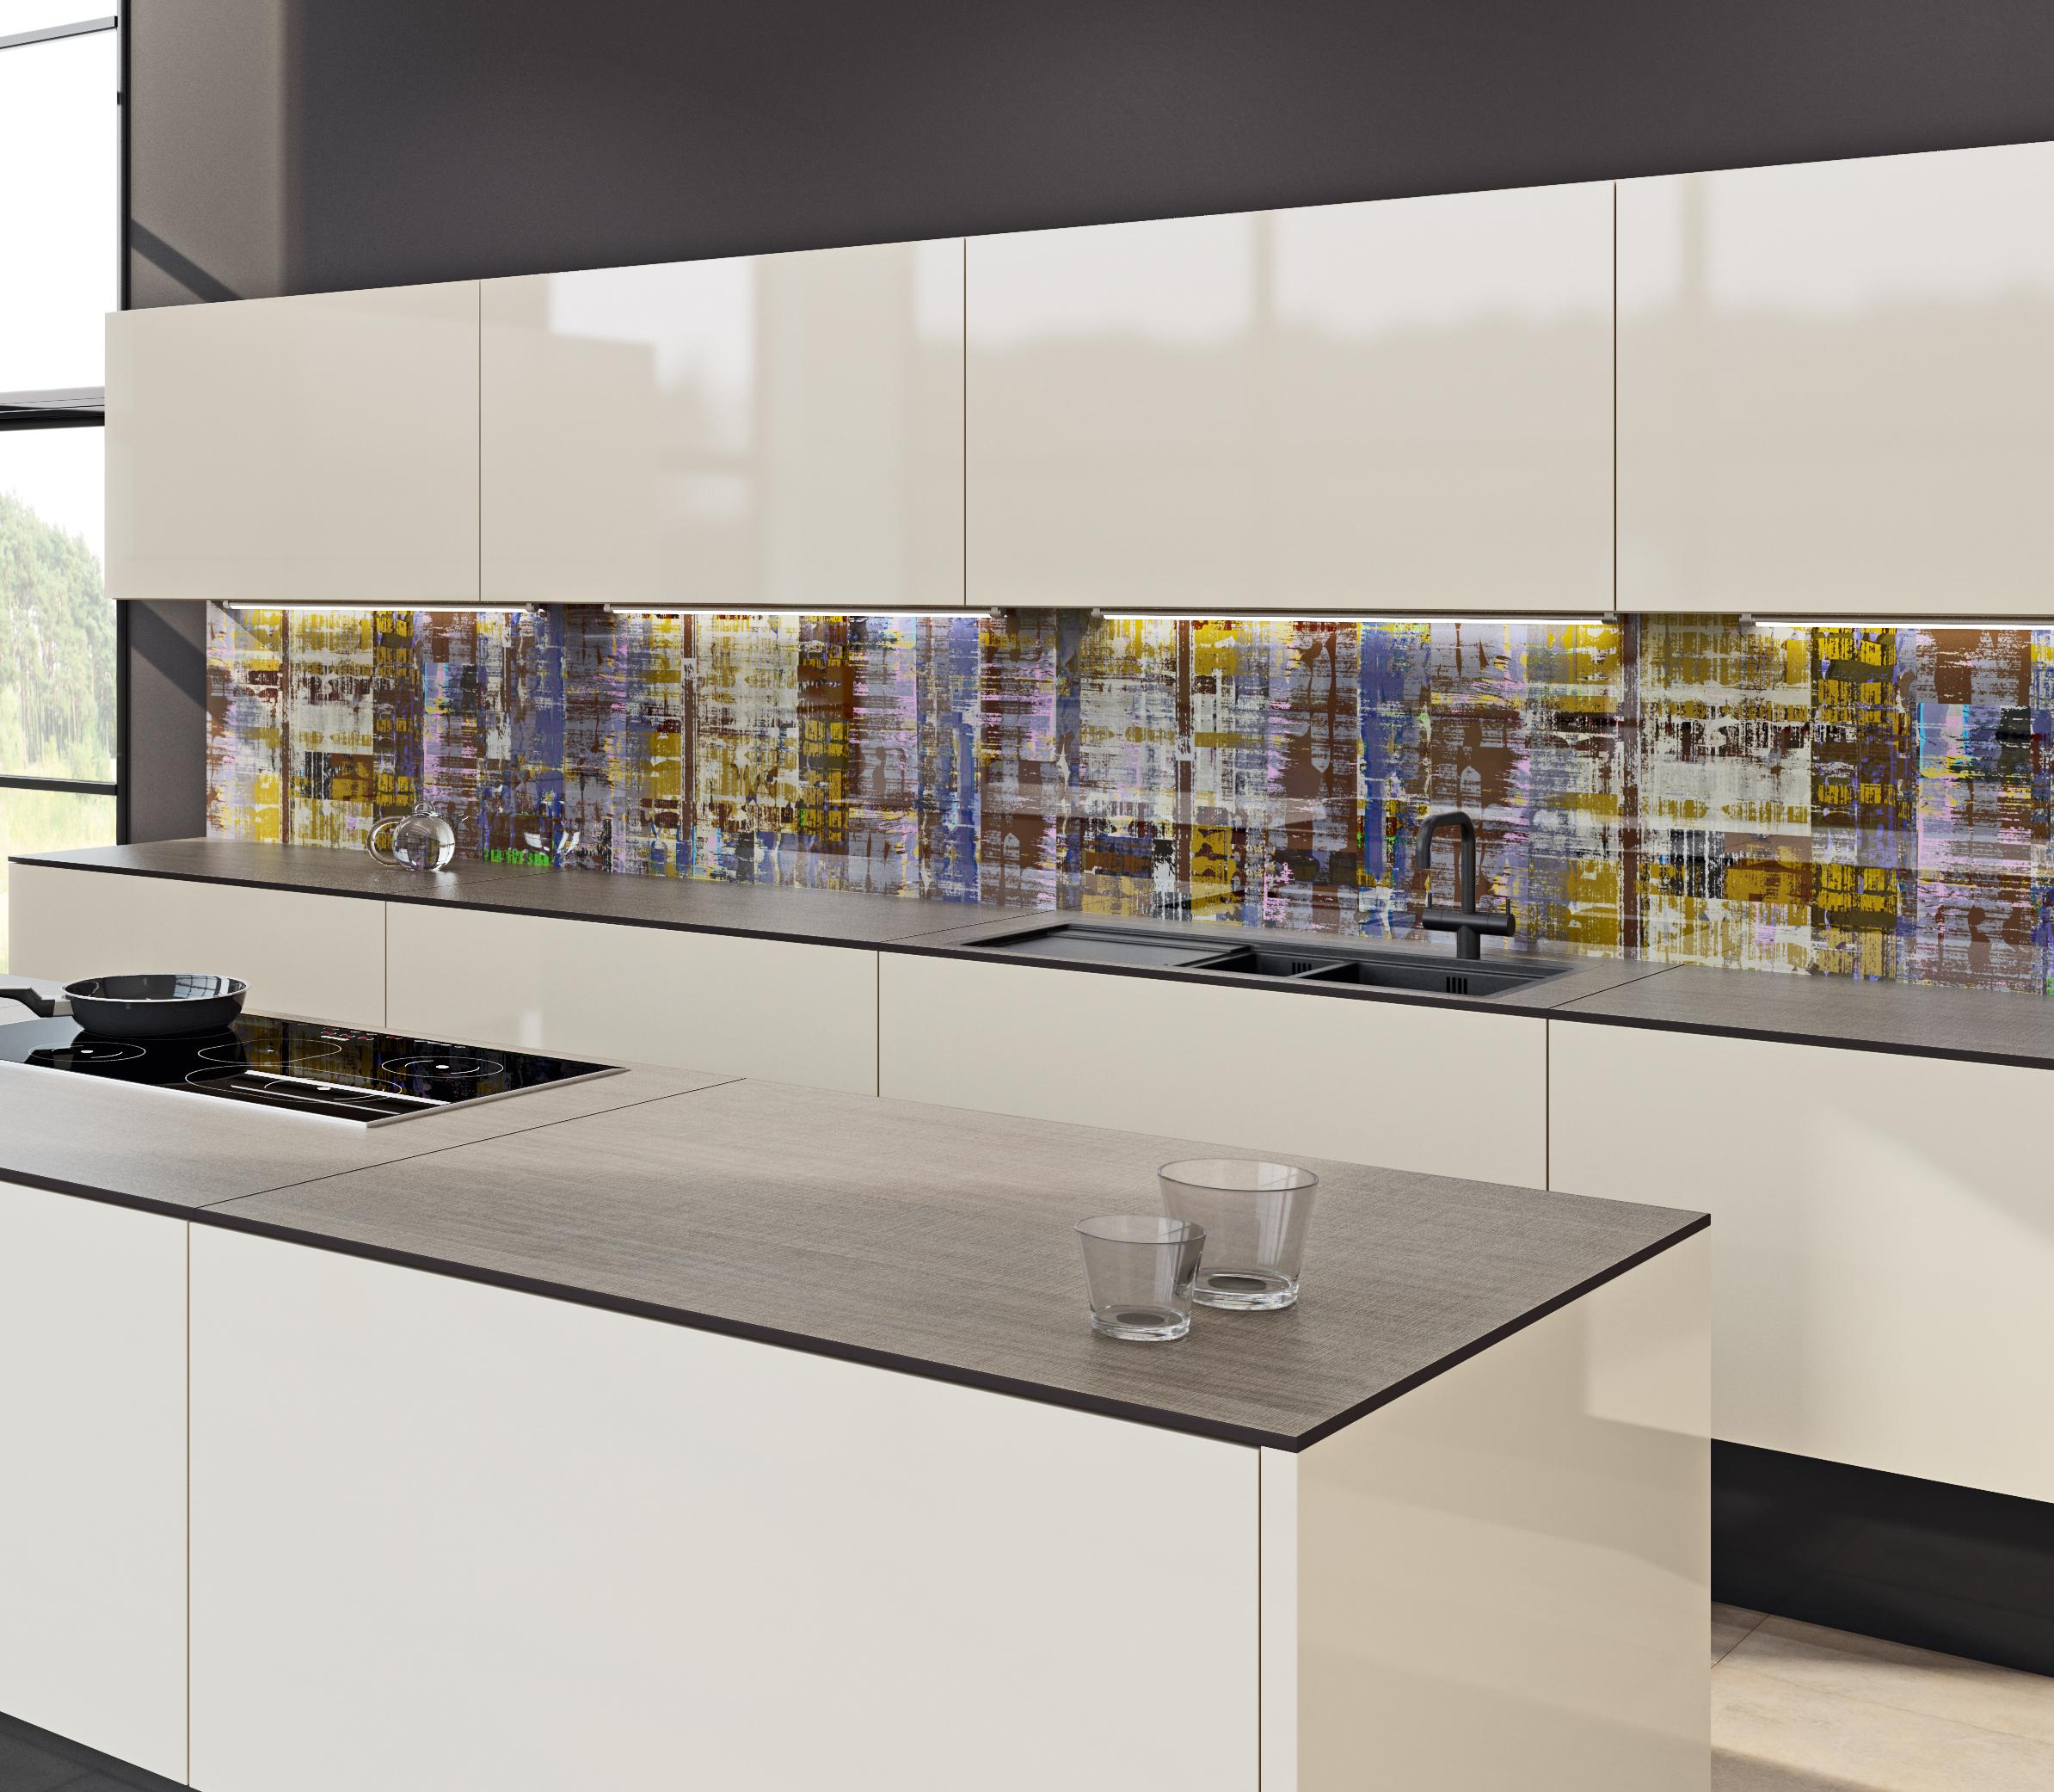 Full Size of Arbeitsplatten Küche Abschlussleisten Schöne Arbeitsplatten Küche Arbeitsplatten Küche Zuschneiden Granit Arbeitsplatten Küche Küche Arbeitsplatten Küche